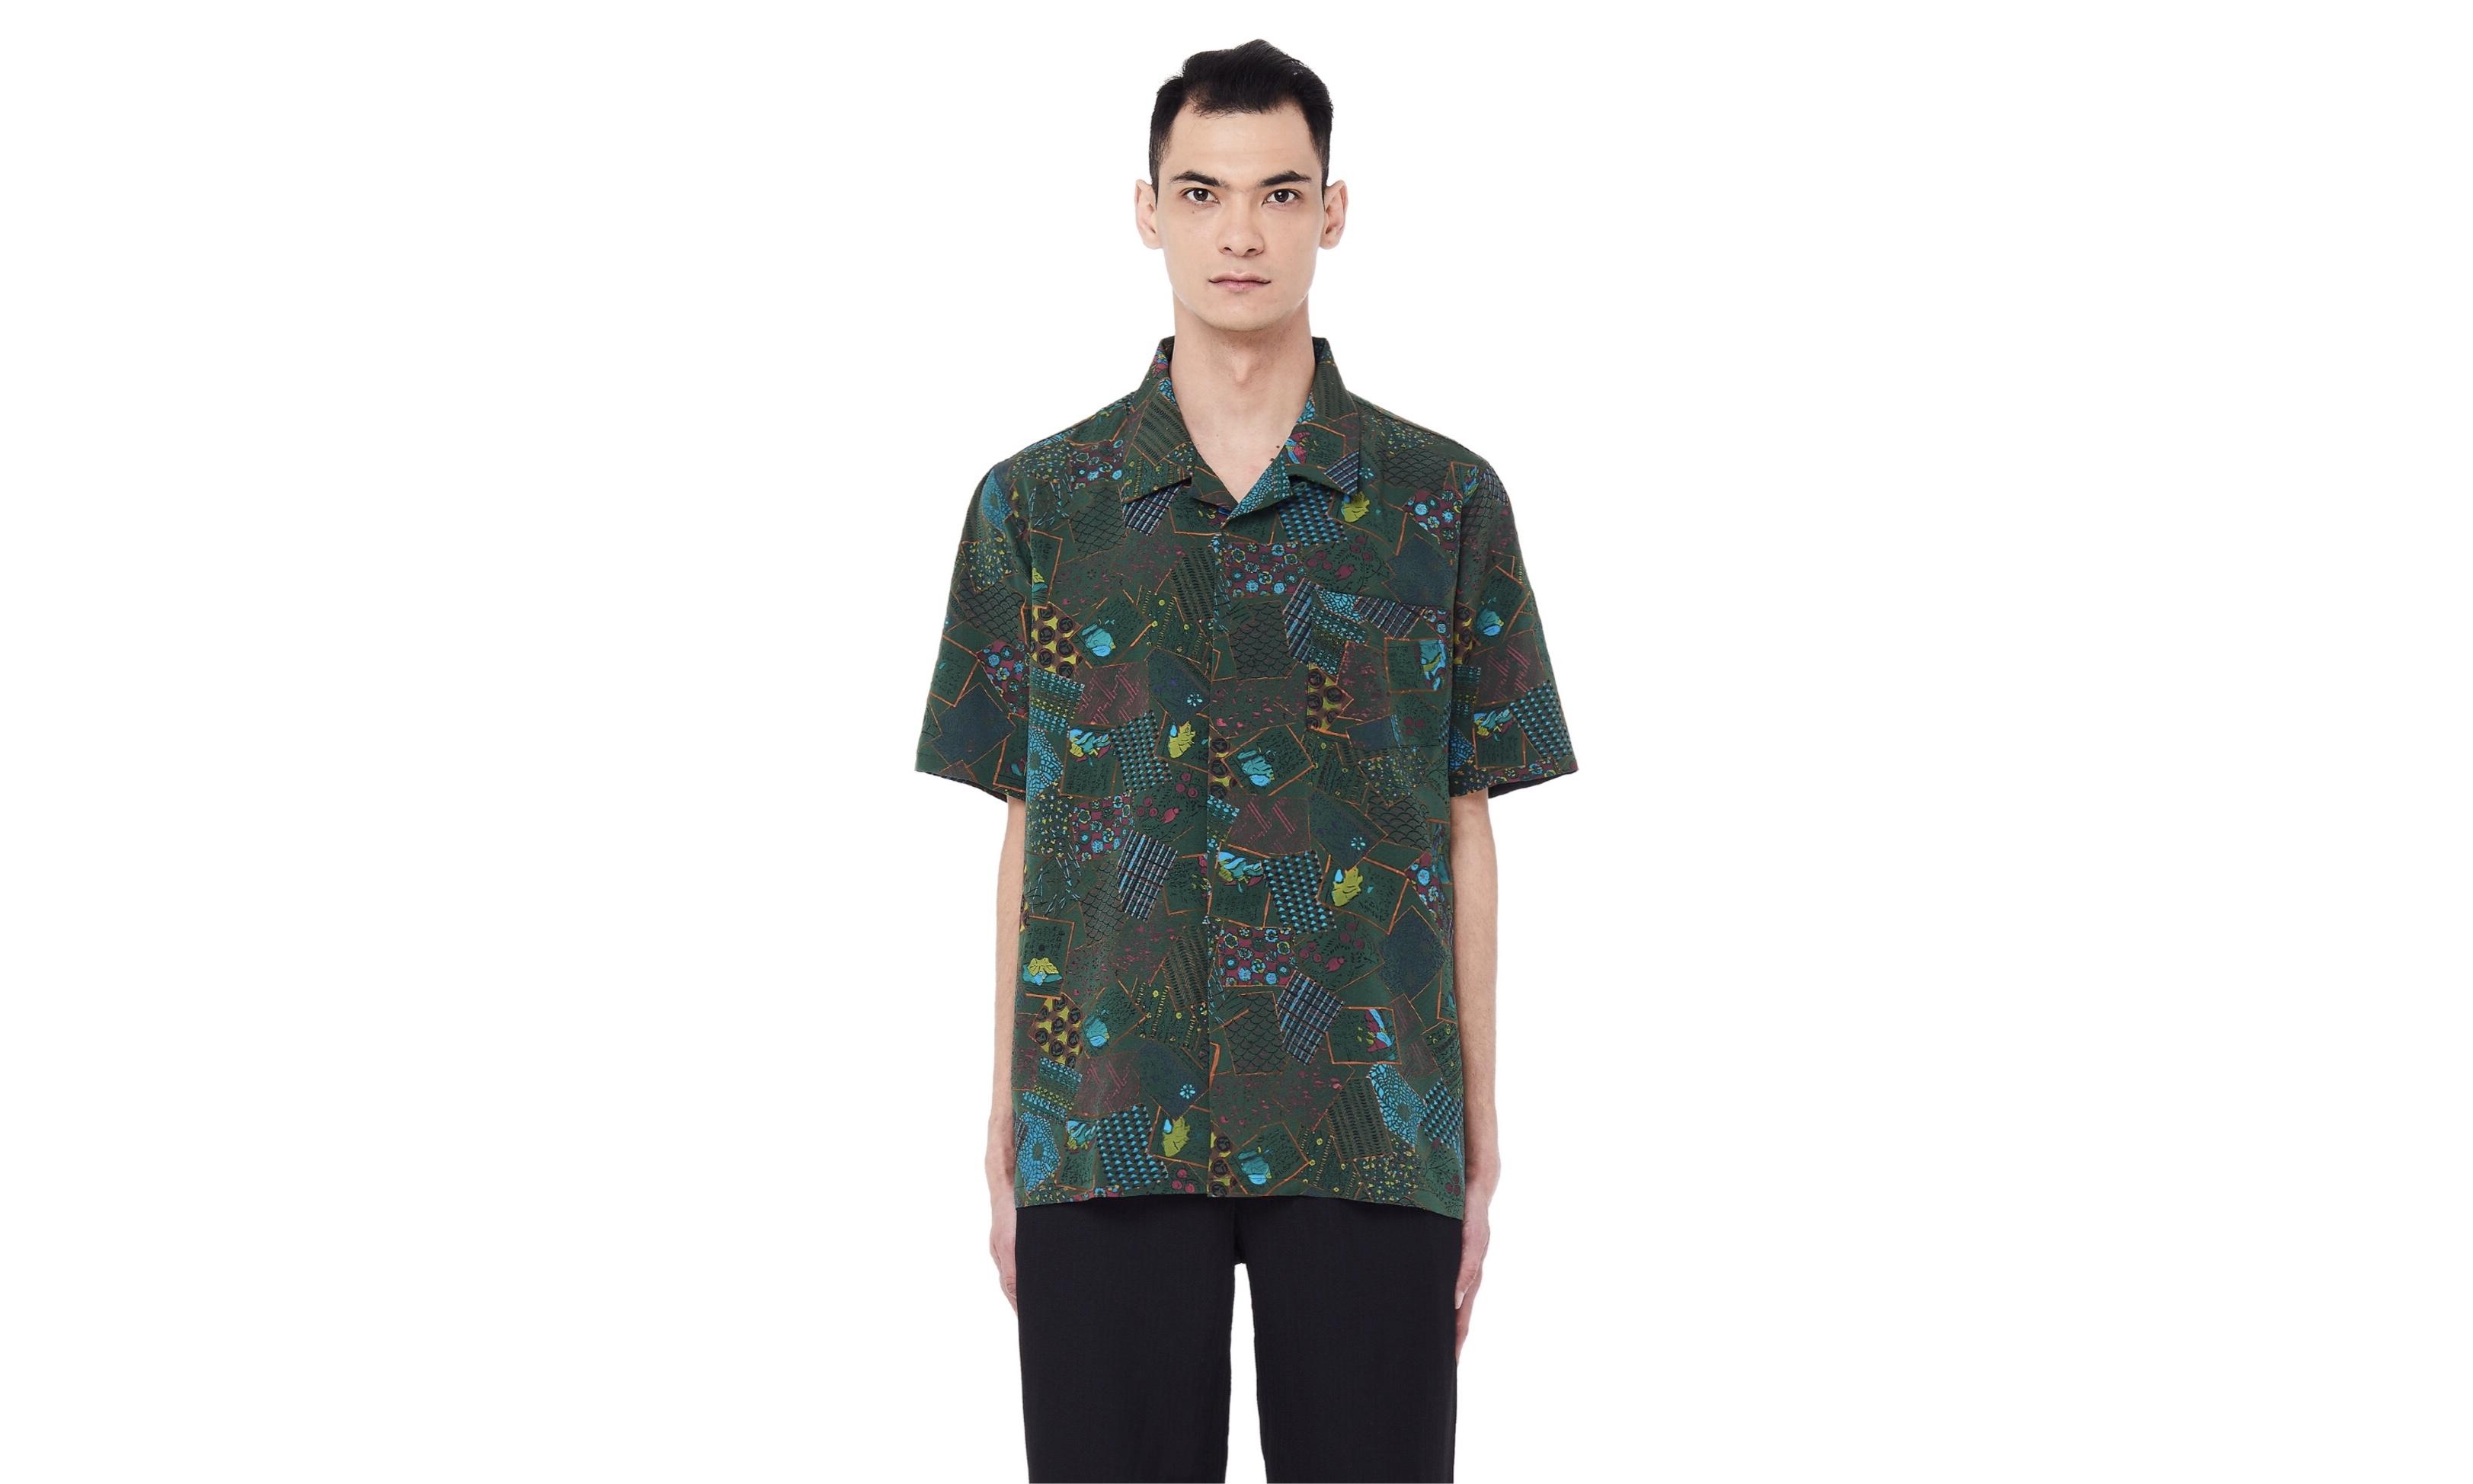 售价 15,000 美元,visvim 本周发售天价衬衫